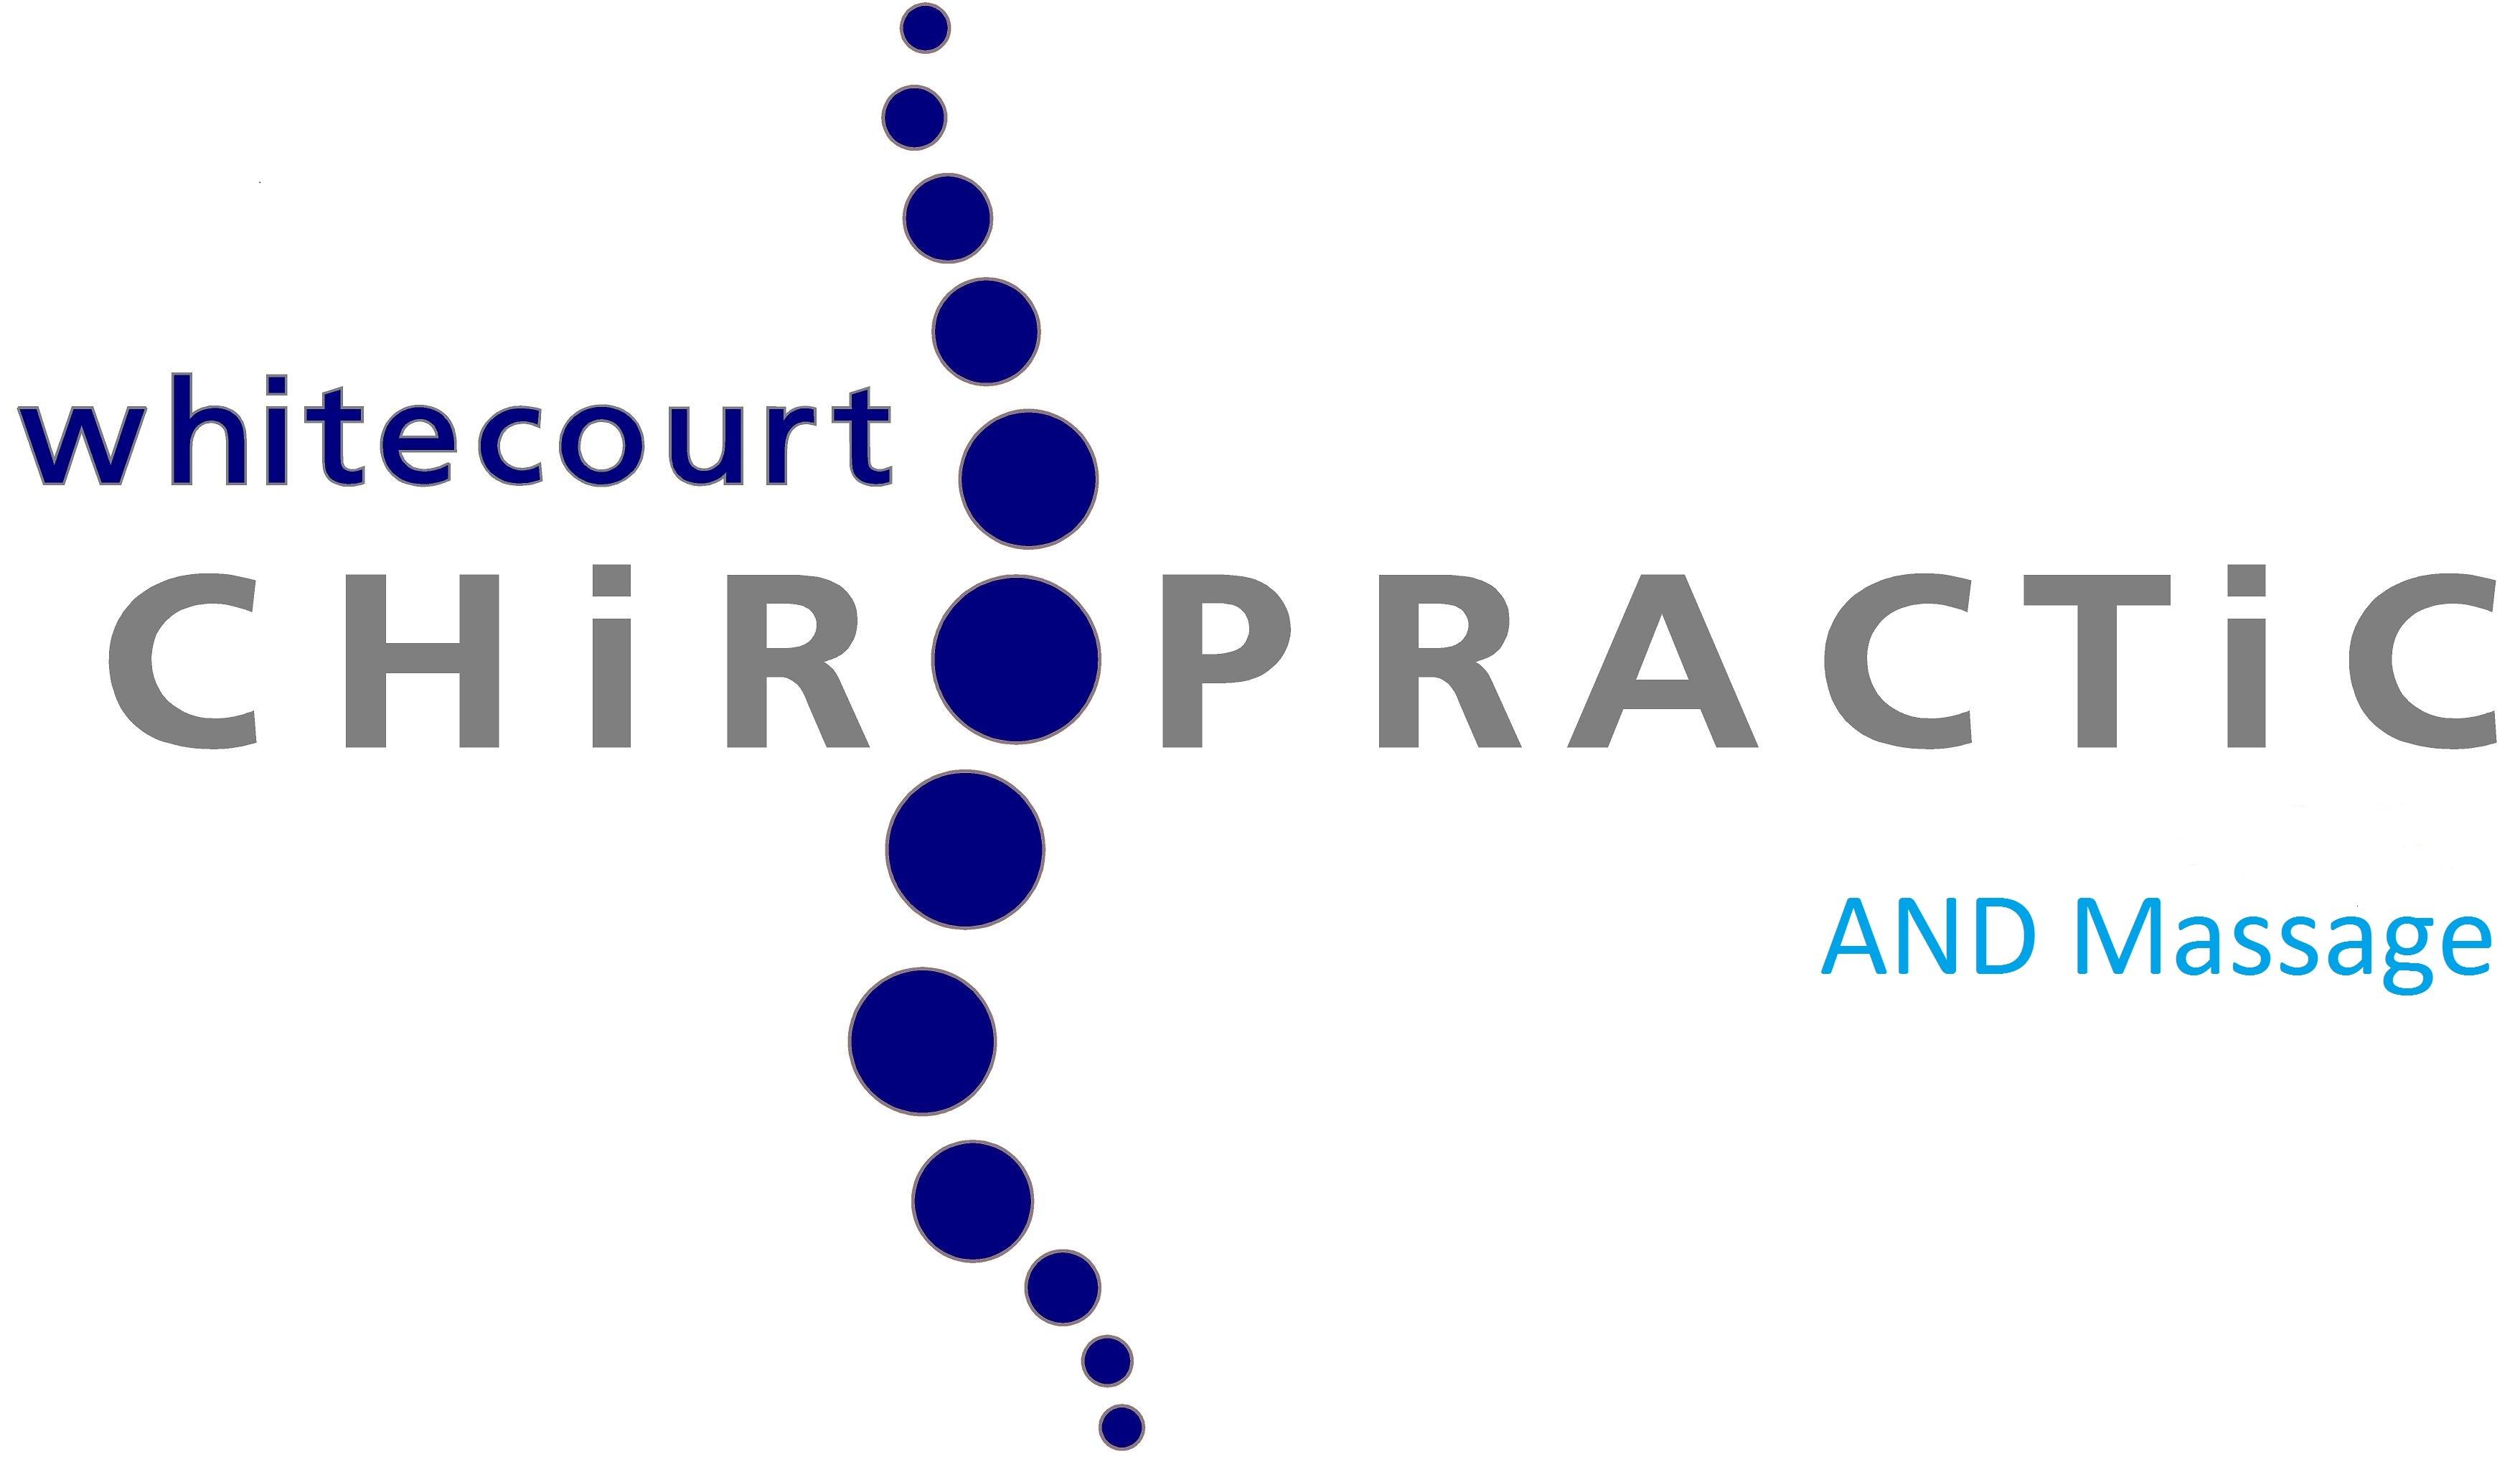 Whitecourt Chiropractic and Massage